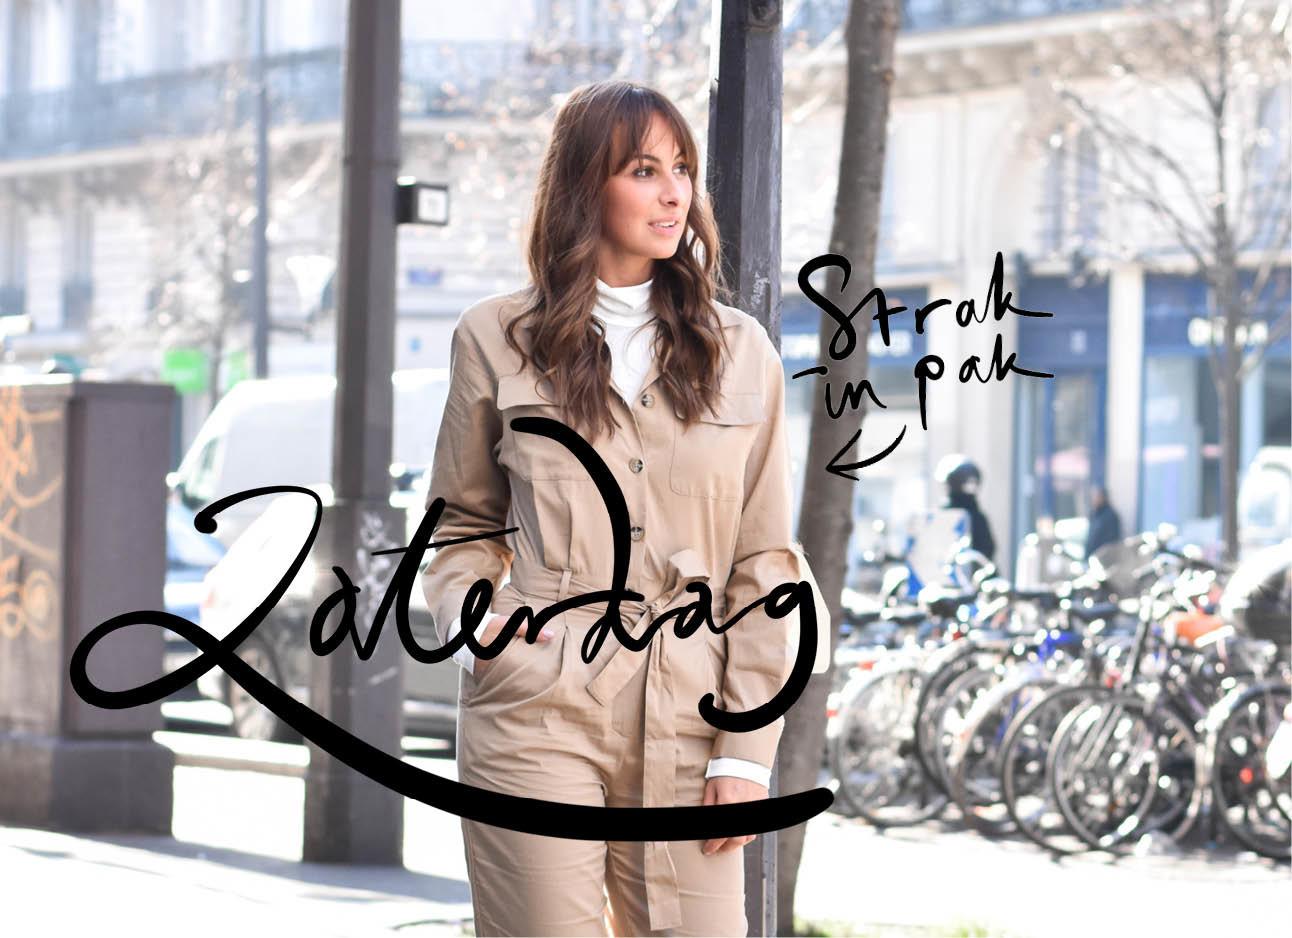 Lilian brijl lopend in parijs met een beige pak aan en een wit truitje eronder